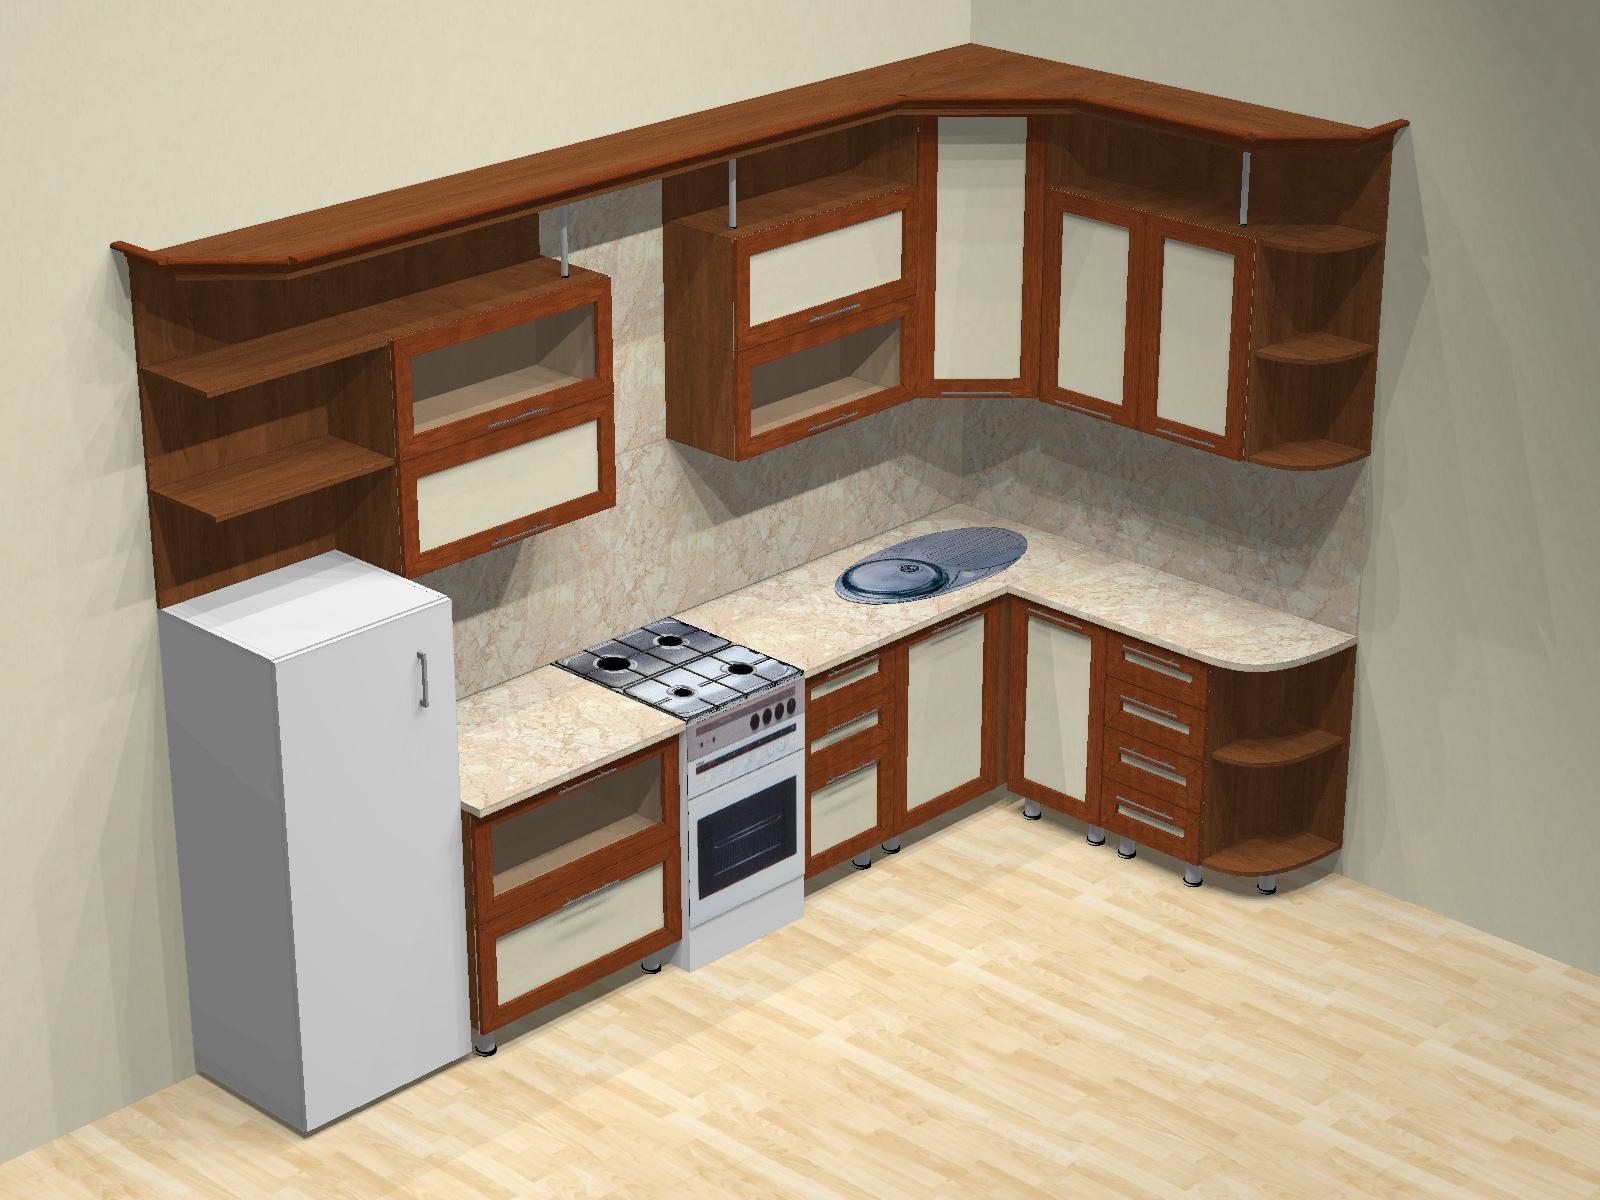 Кухонный гарнитур своими руками с чертежами и фото